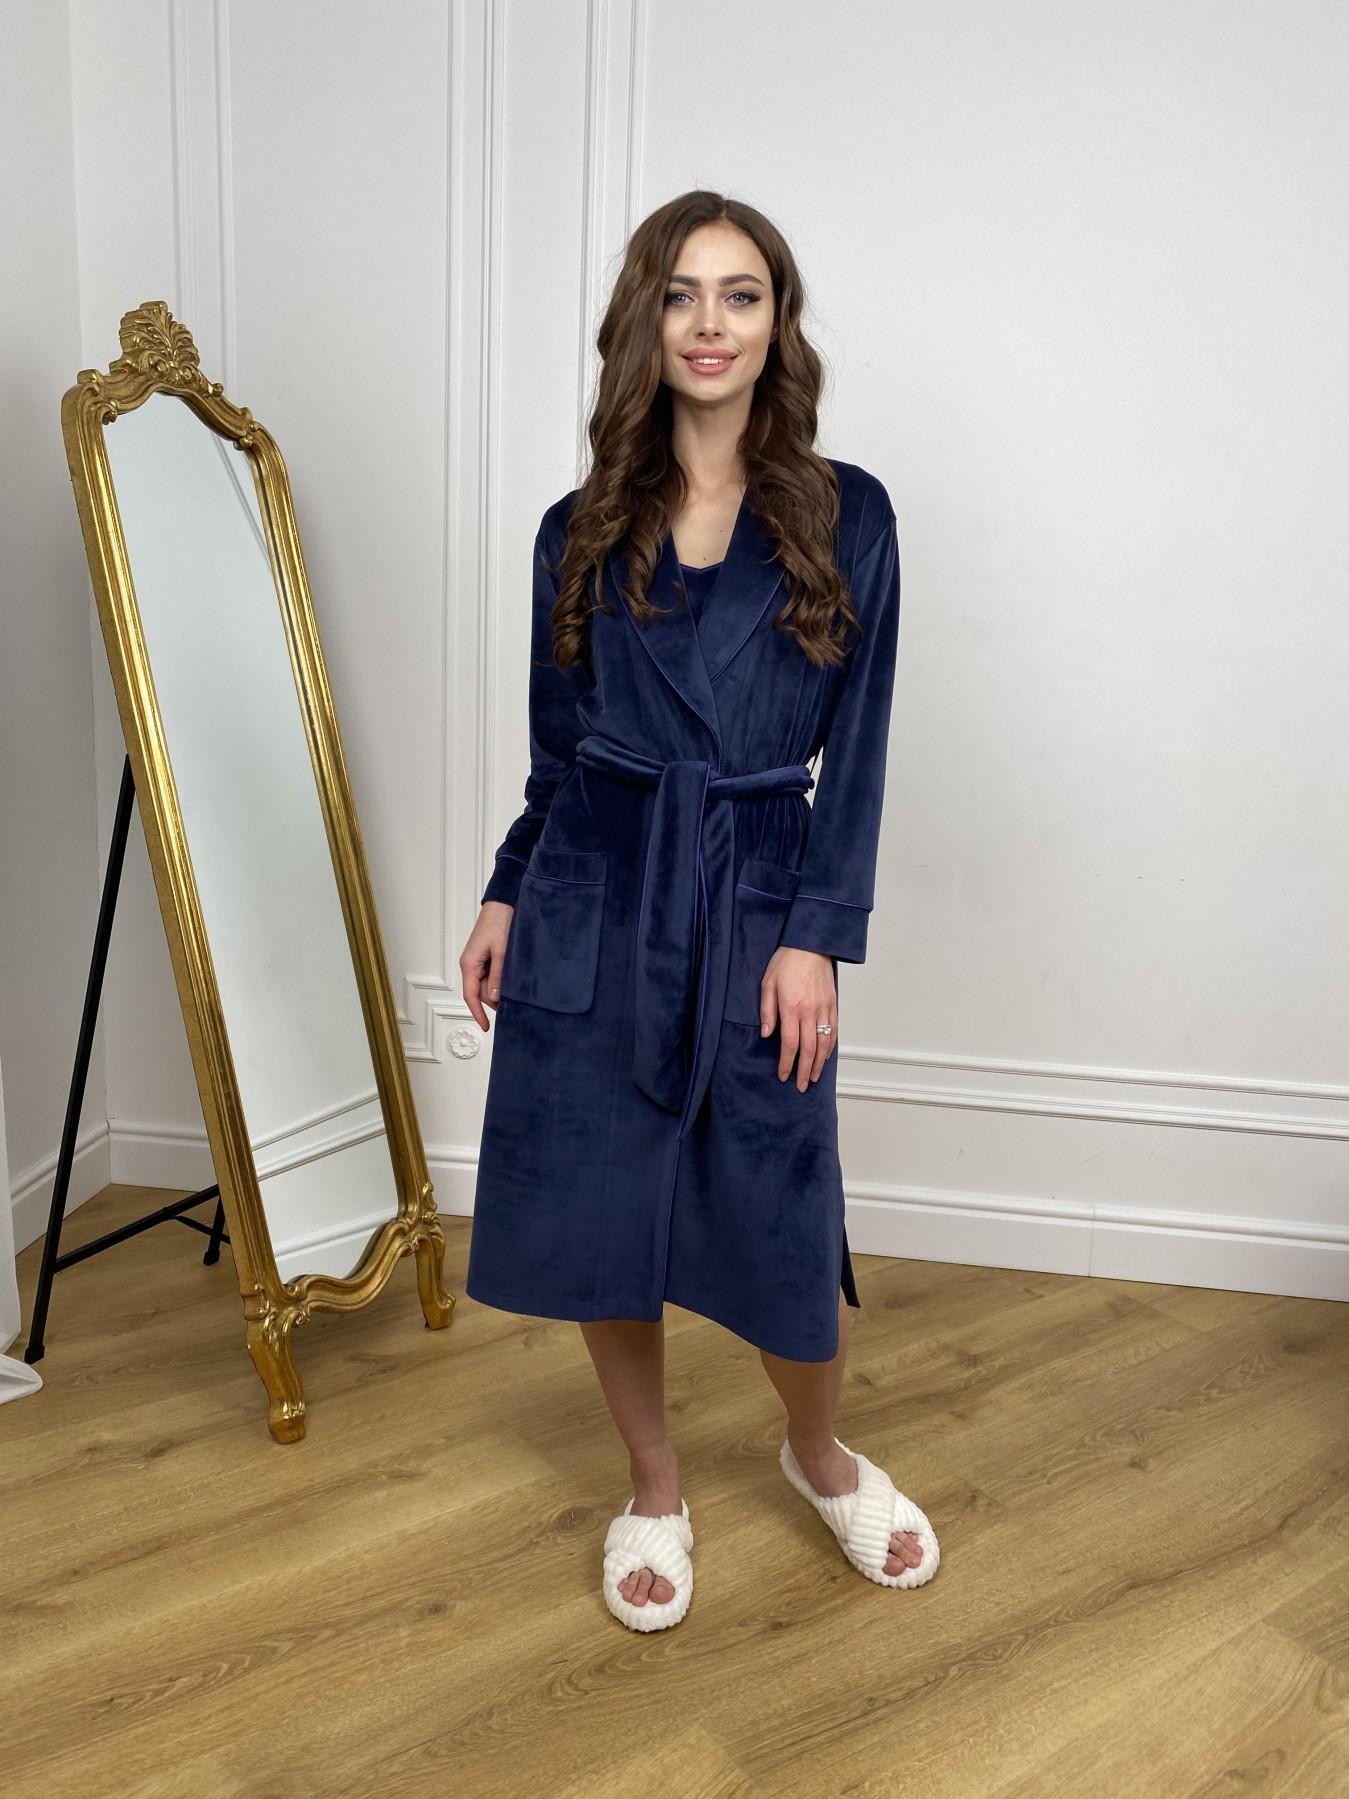 Сандрин миди халат из велюровой ткани 10510 АРТ. 46849 Цвет: т. синий - фото 10, интернет магазин tm-modus.ru